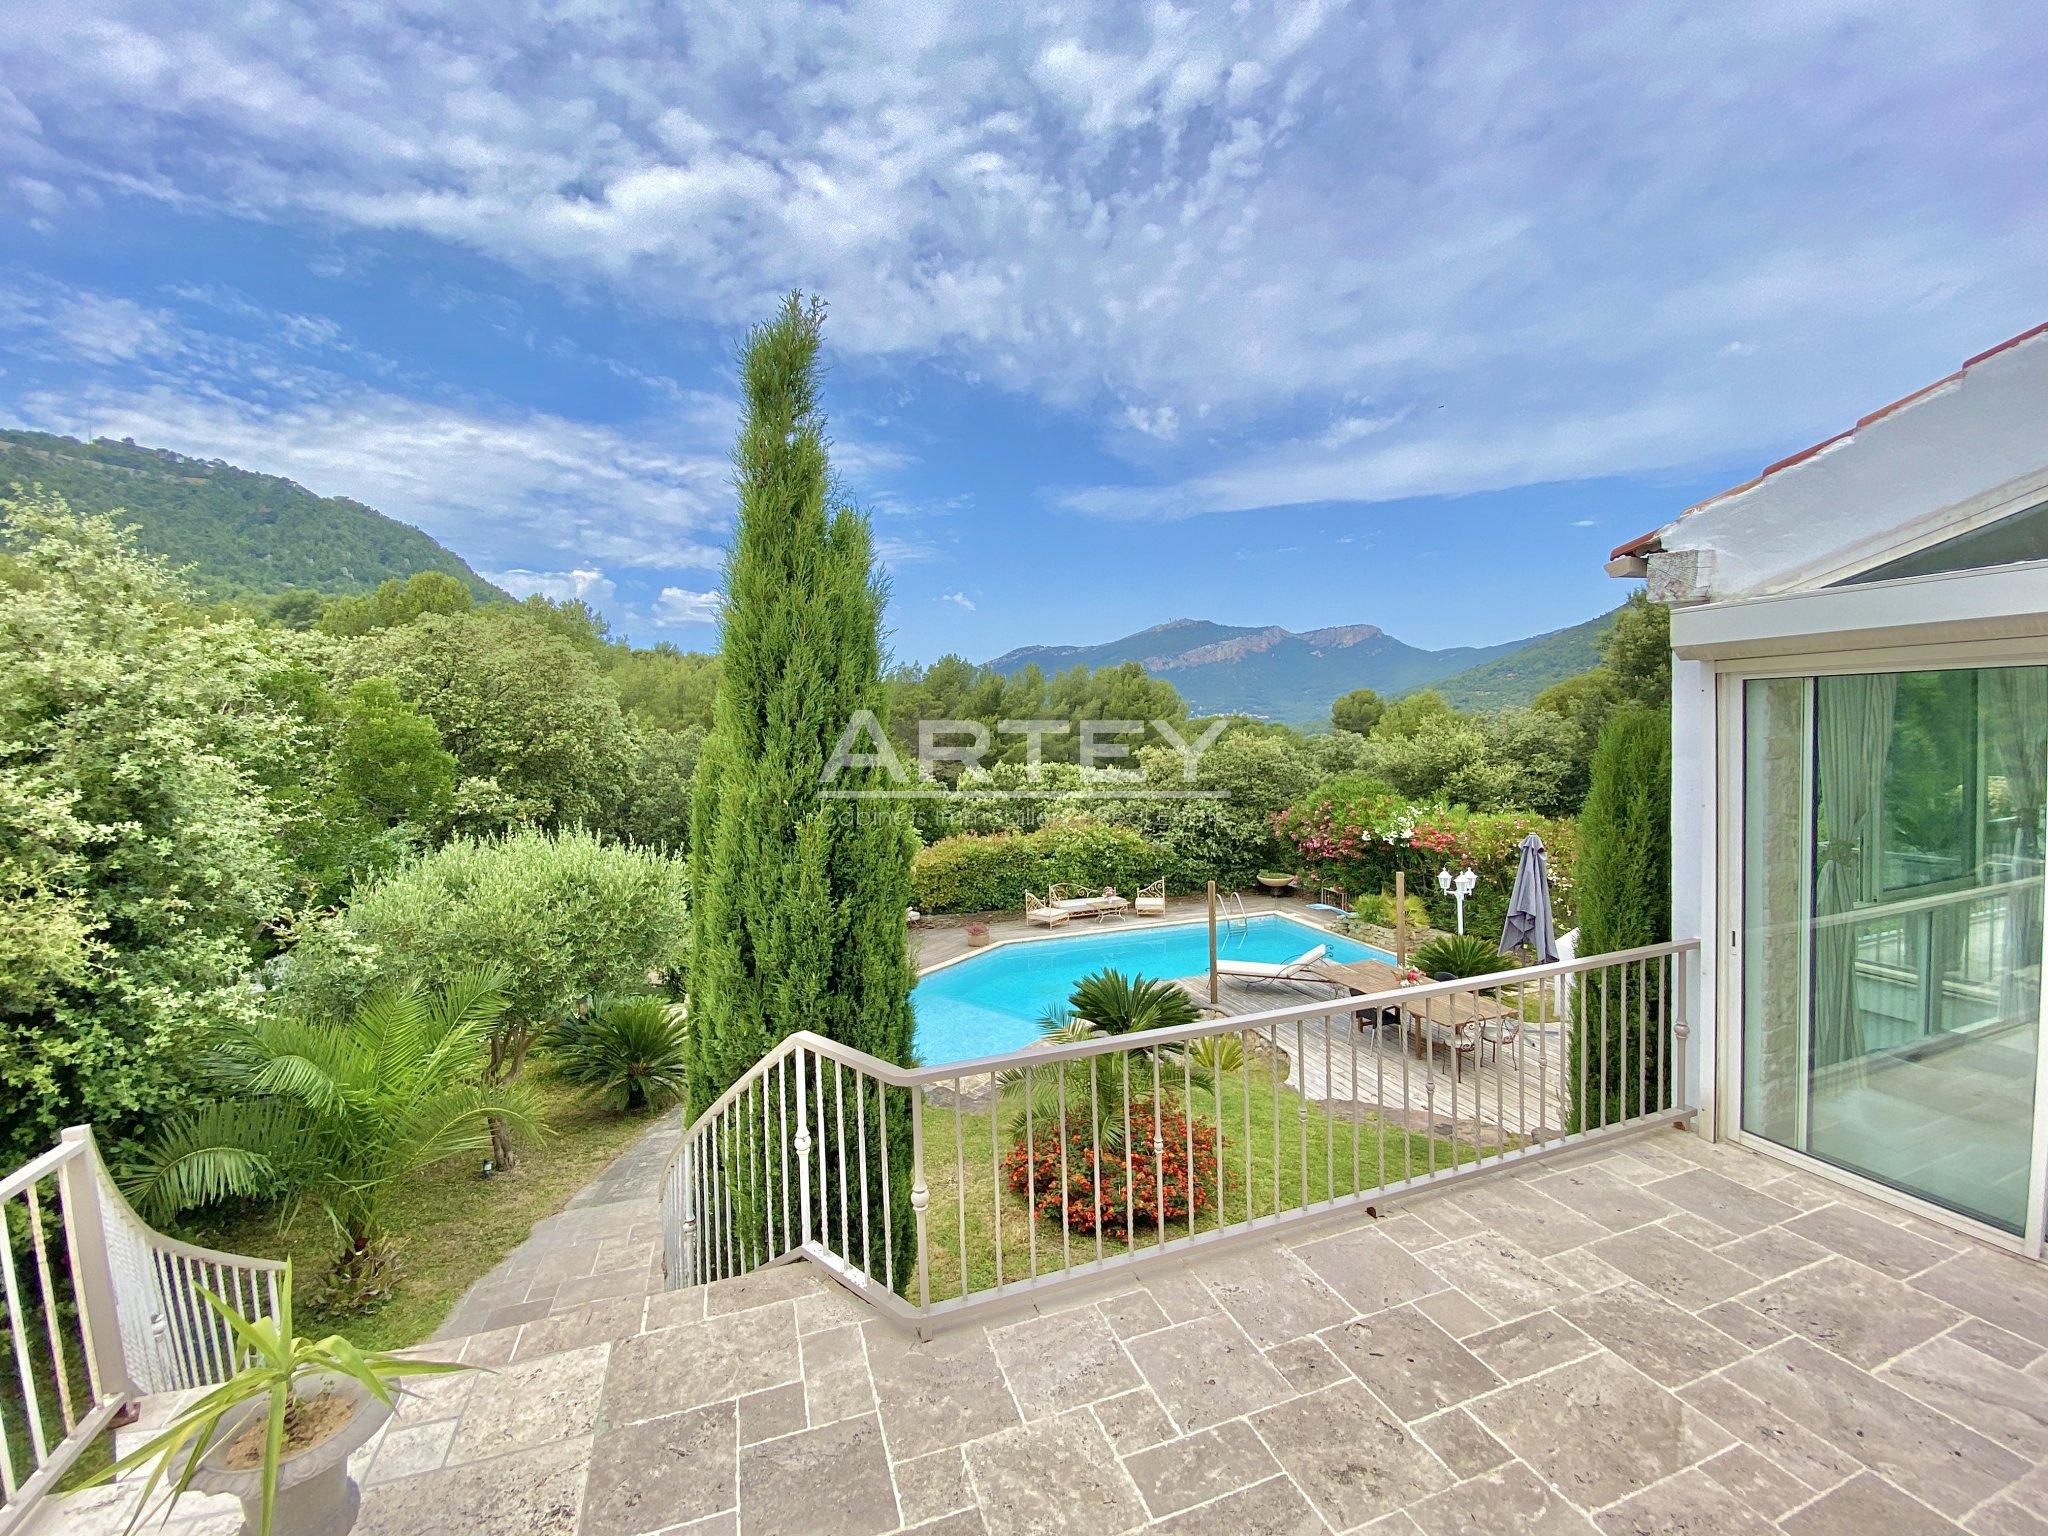 Maison-Villa - La Valette-du-Var 83160